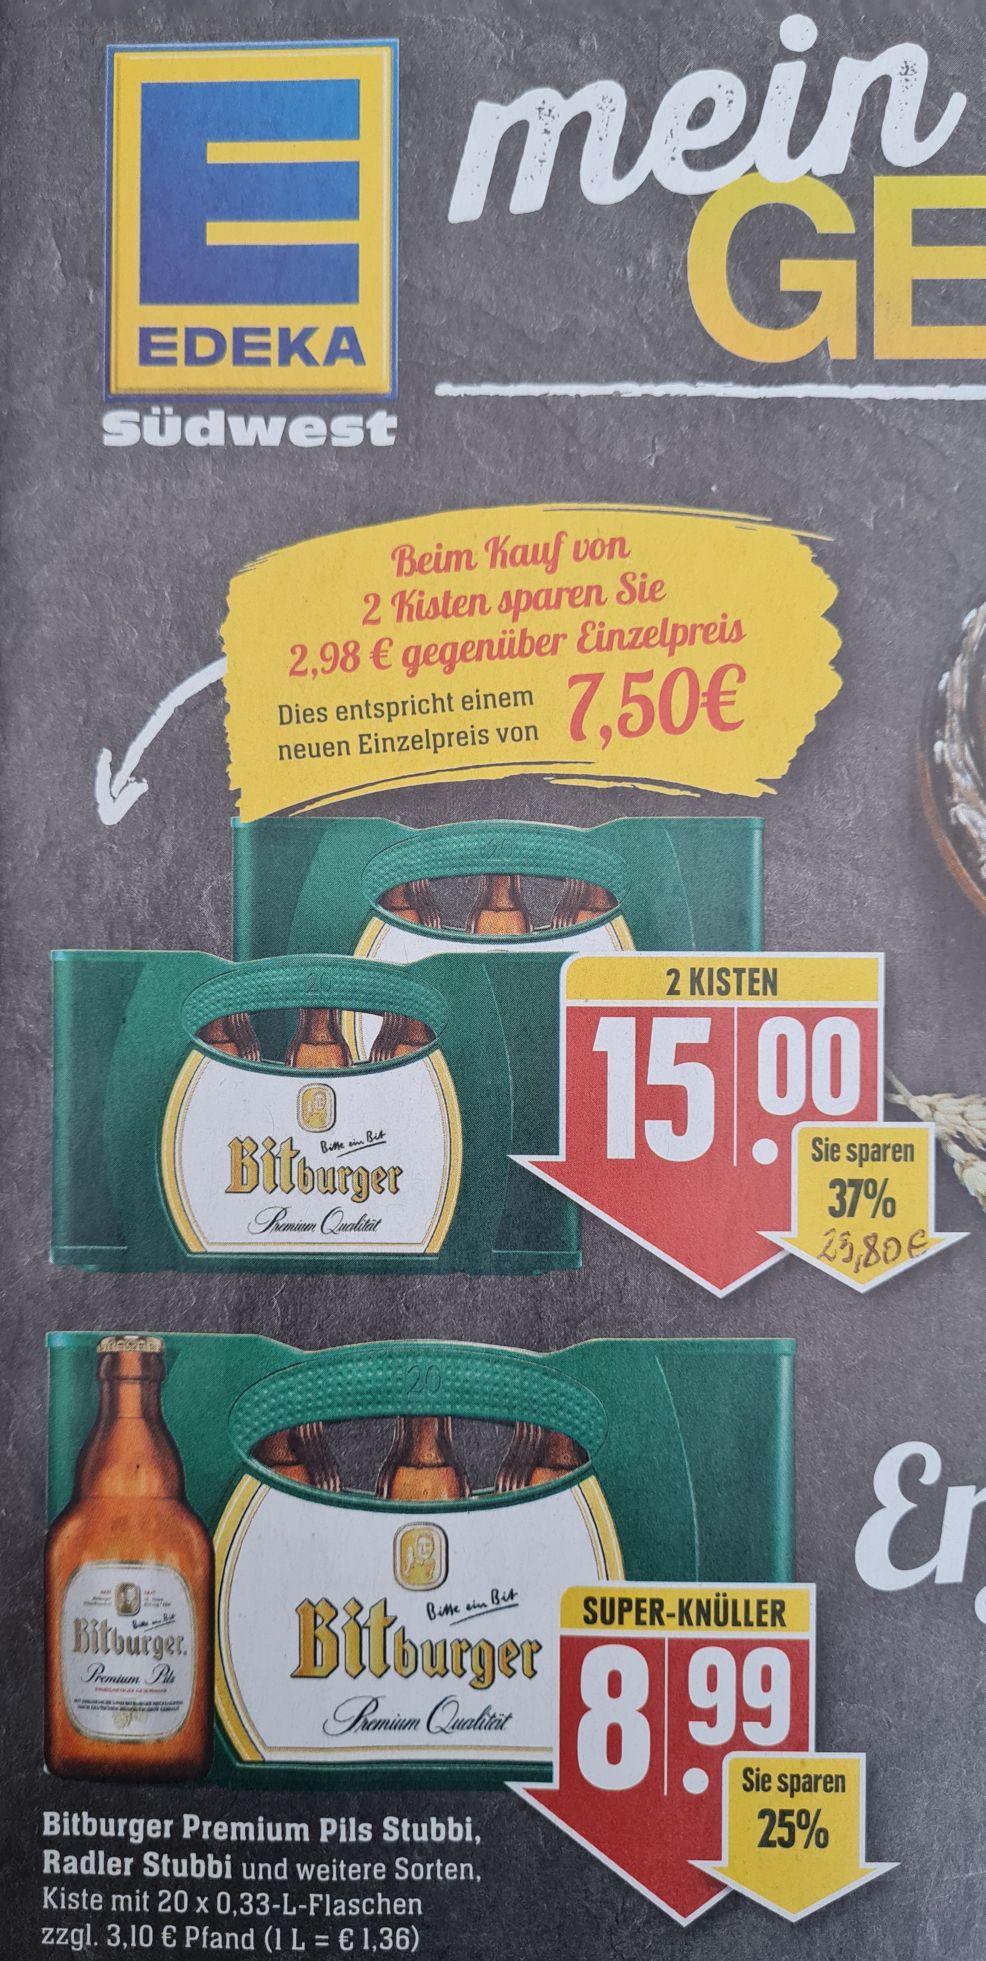 2 Kisten Bitburger Premium Pils oder Radler 20x0,33l und GRATIS Volvic Tee Edeka Südwest App ab 05.07